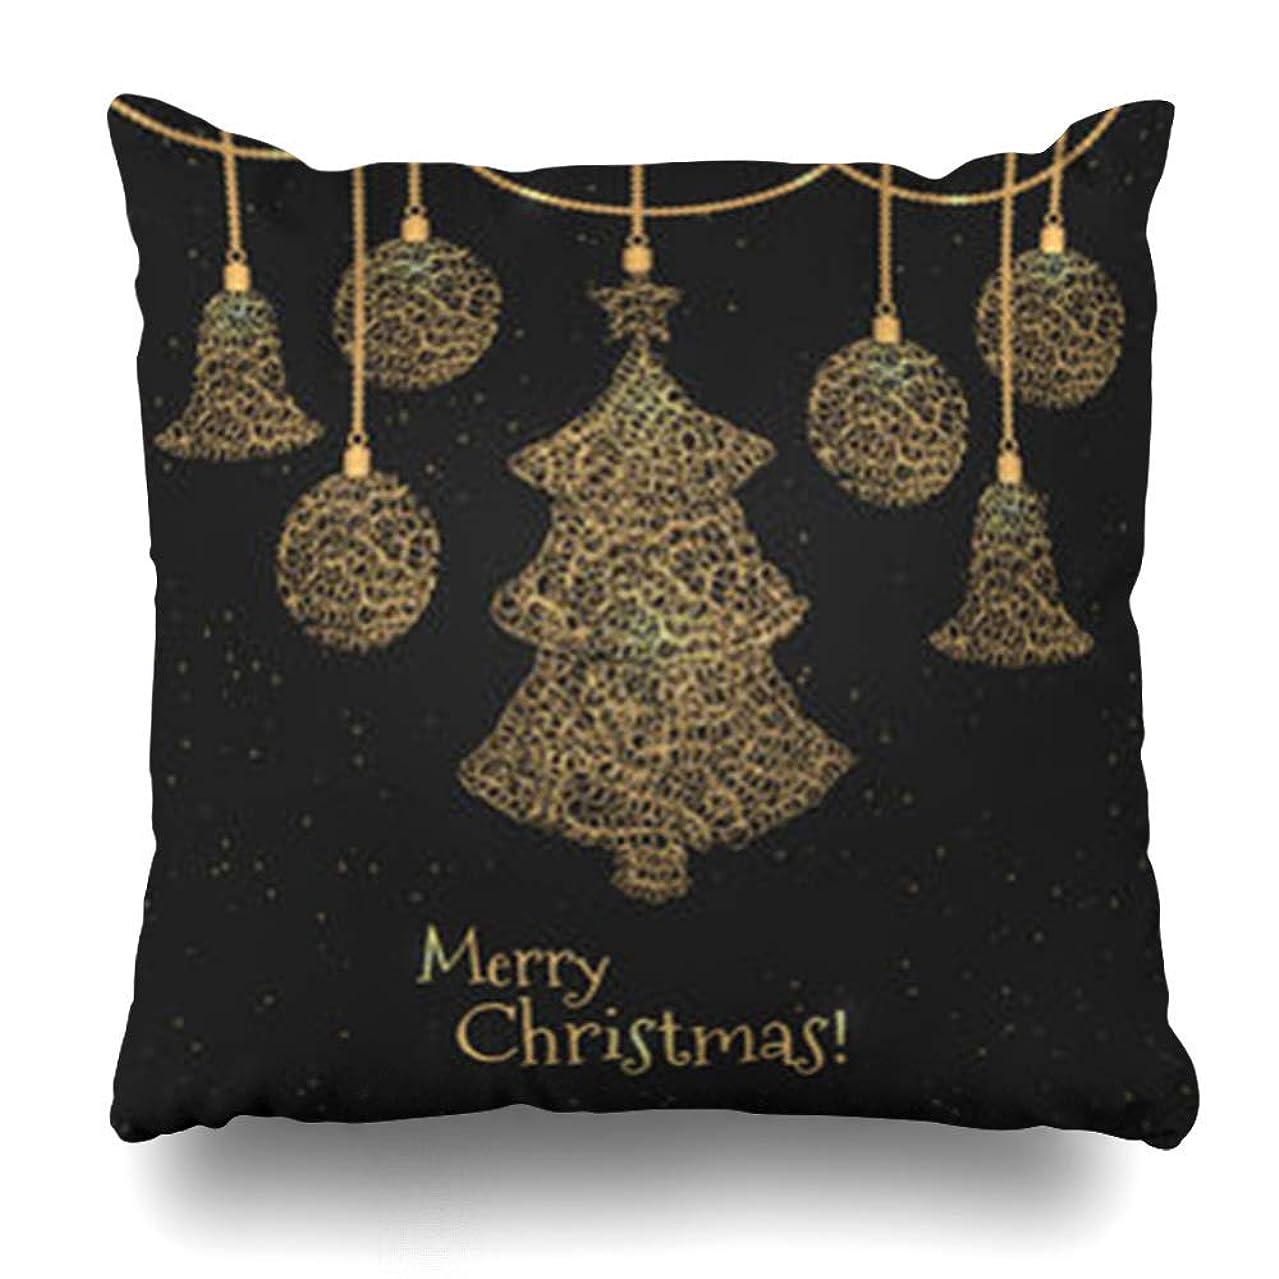 歯北方もっと少なく枕を投げる赤抽象的なボケでホリデークリスマスツリーをカバー明るい泡お祝いのデザインホームデコレーションクッションケーススクエア18 * 18インチ装飾ソファ枕カバー